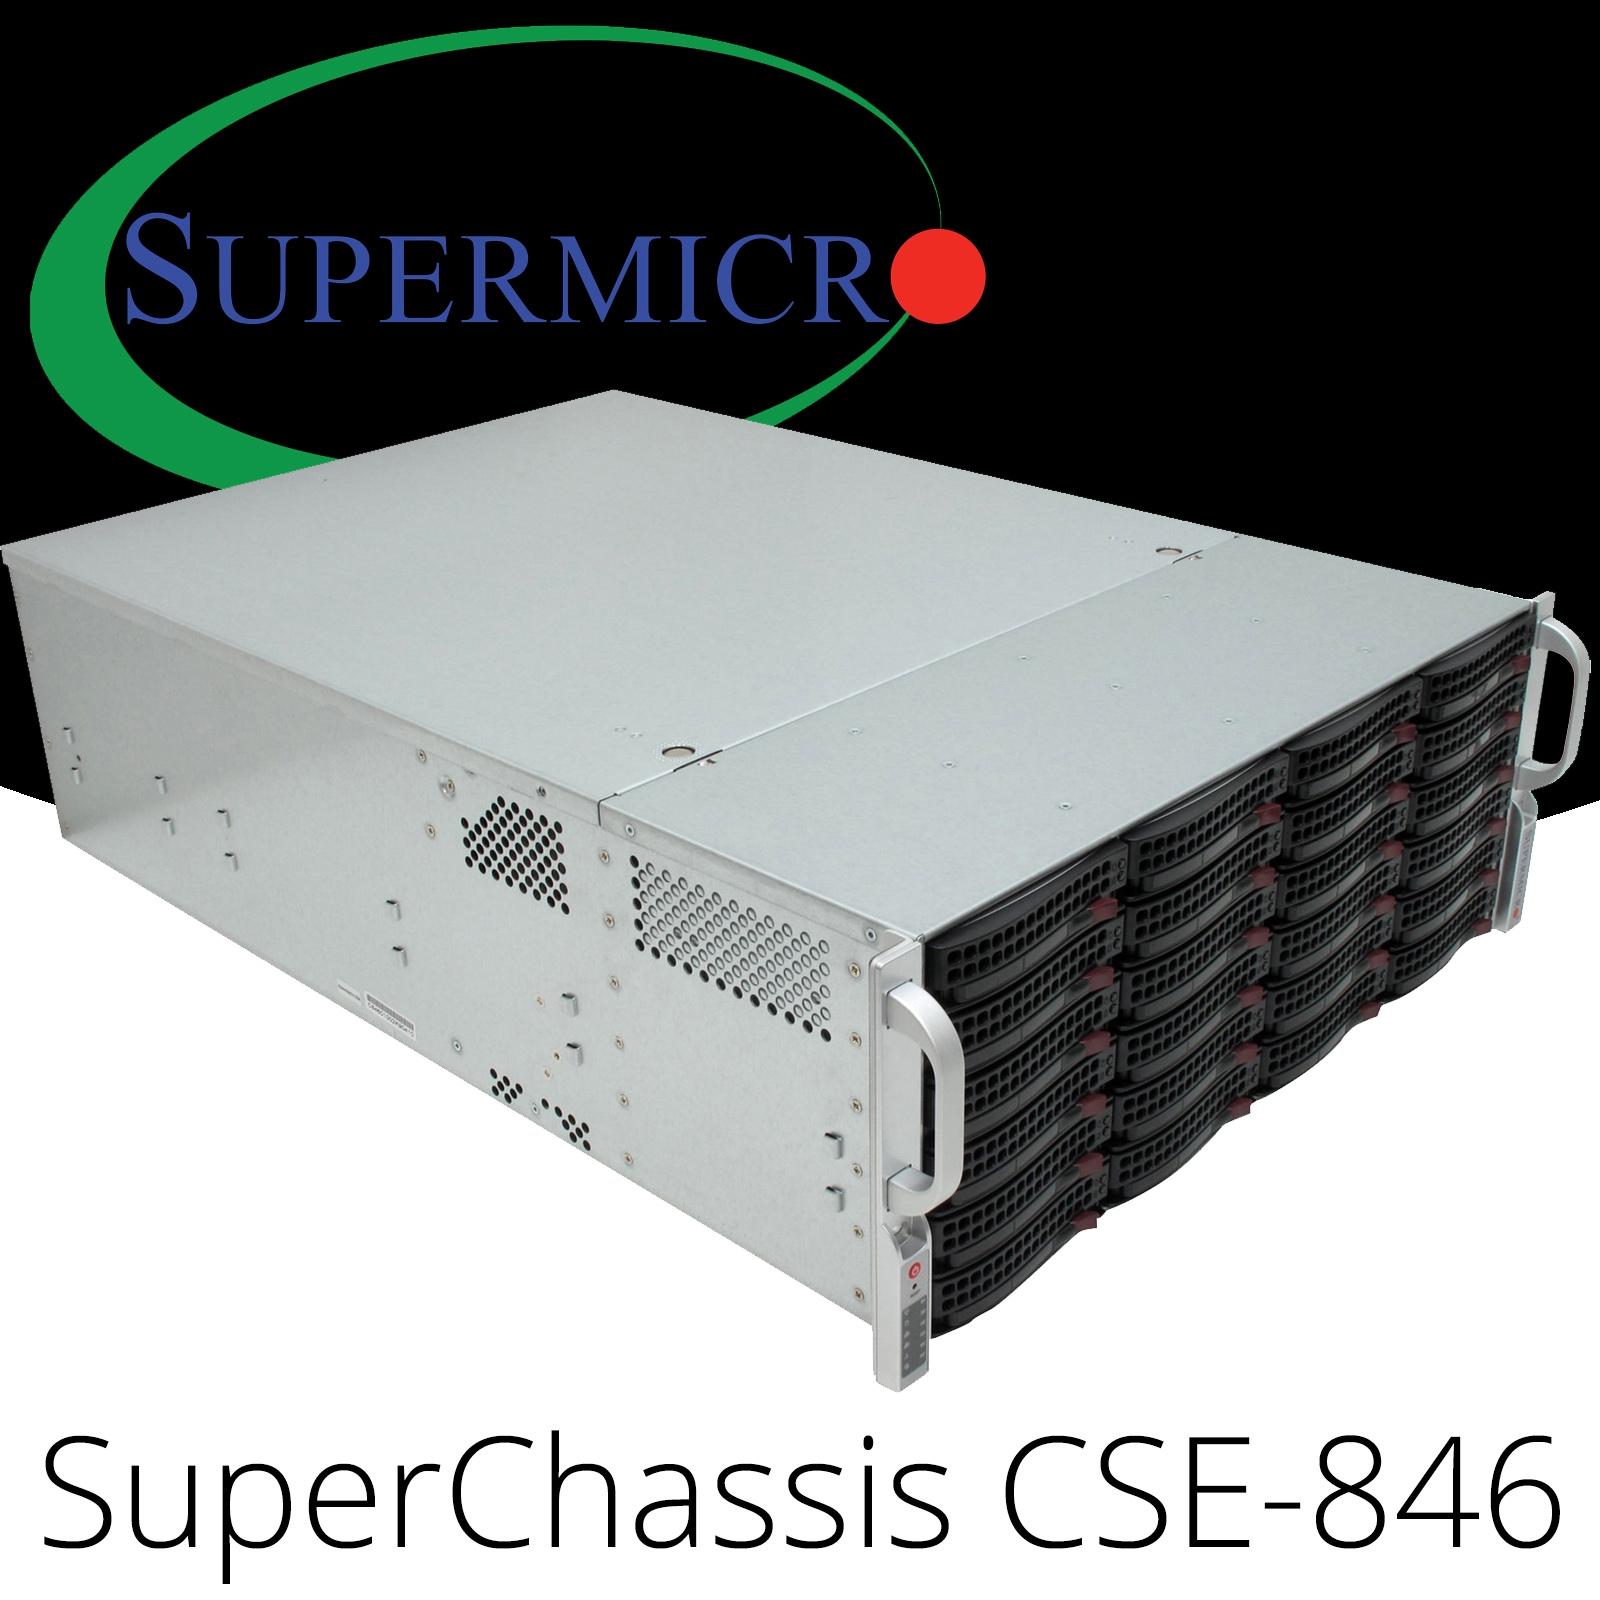 Details about SuperMicro CSE-846 SuperChassis X8DAH+-F 4U Cloud Storage  Rack Server CTO Series